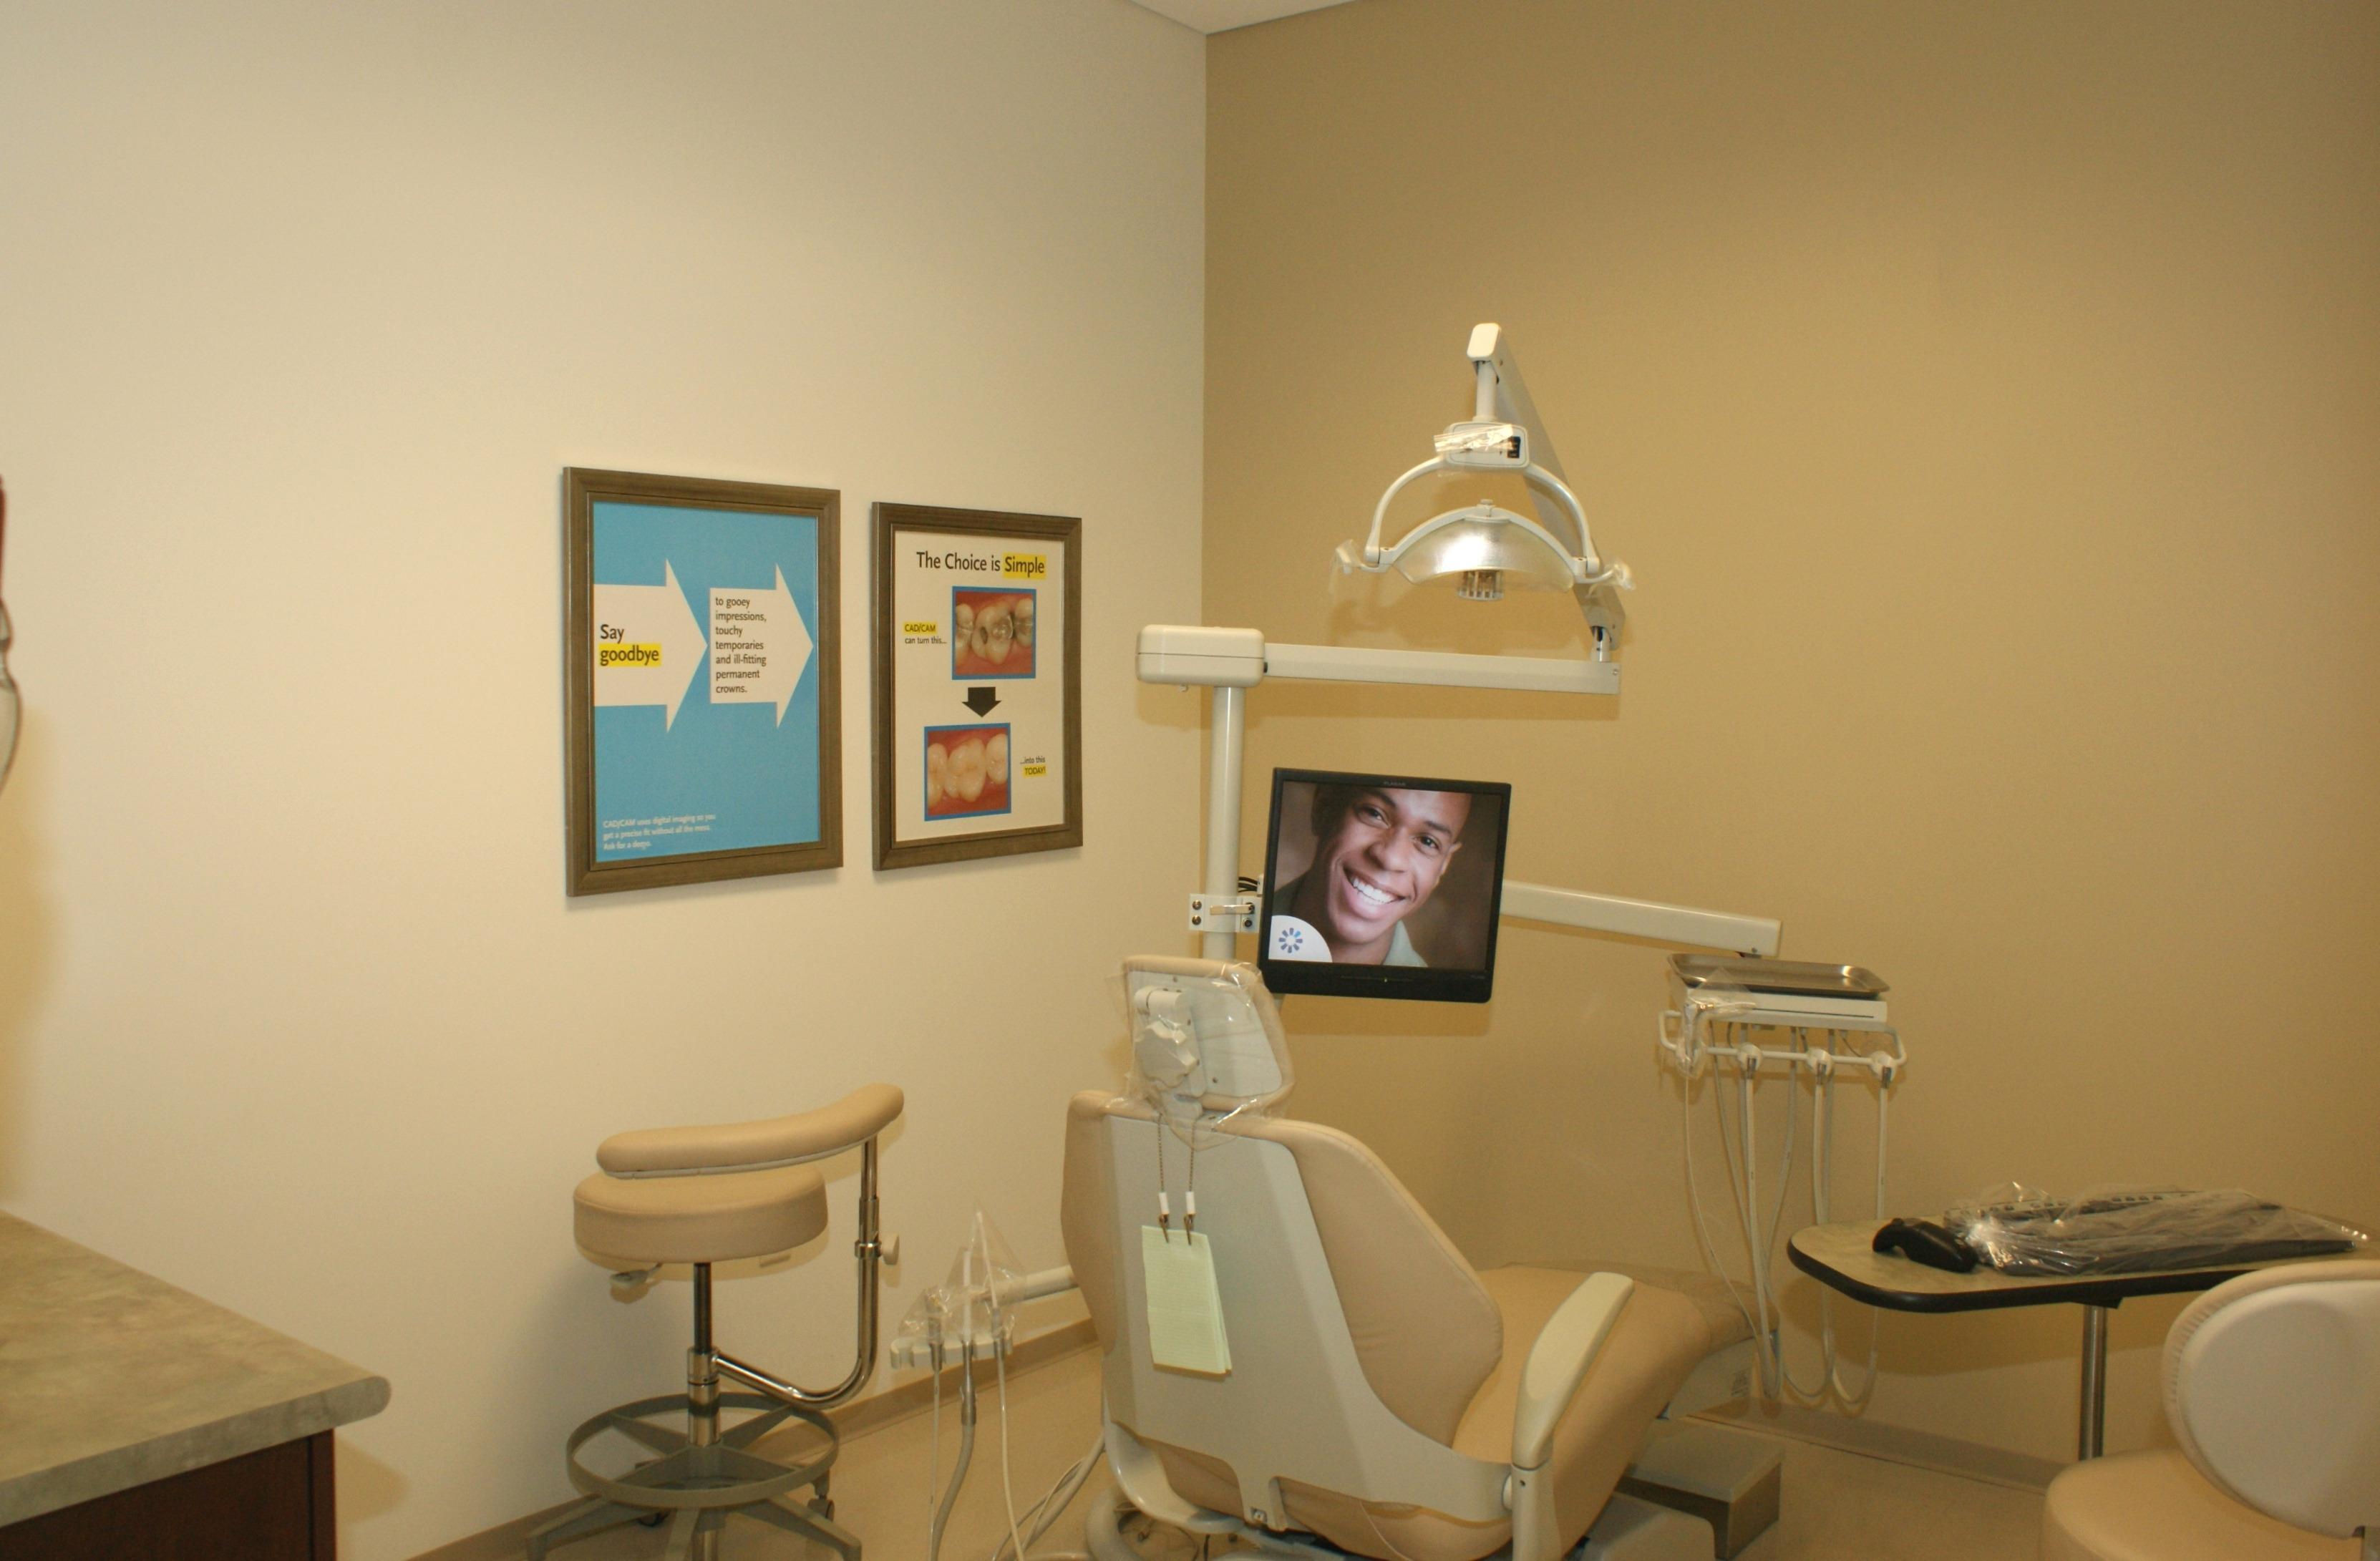 Southglenn Modern Dentistry image 2